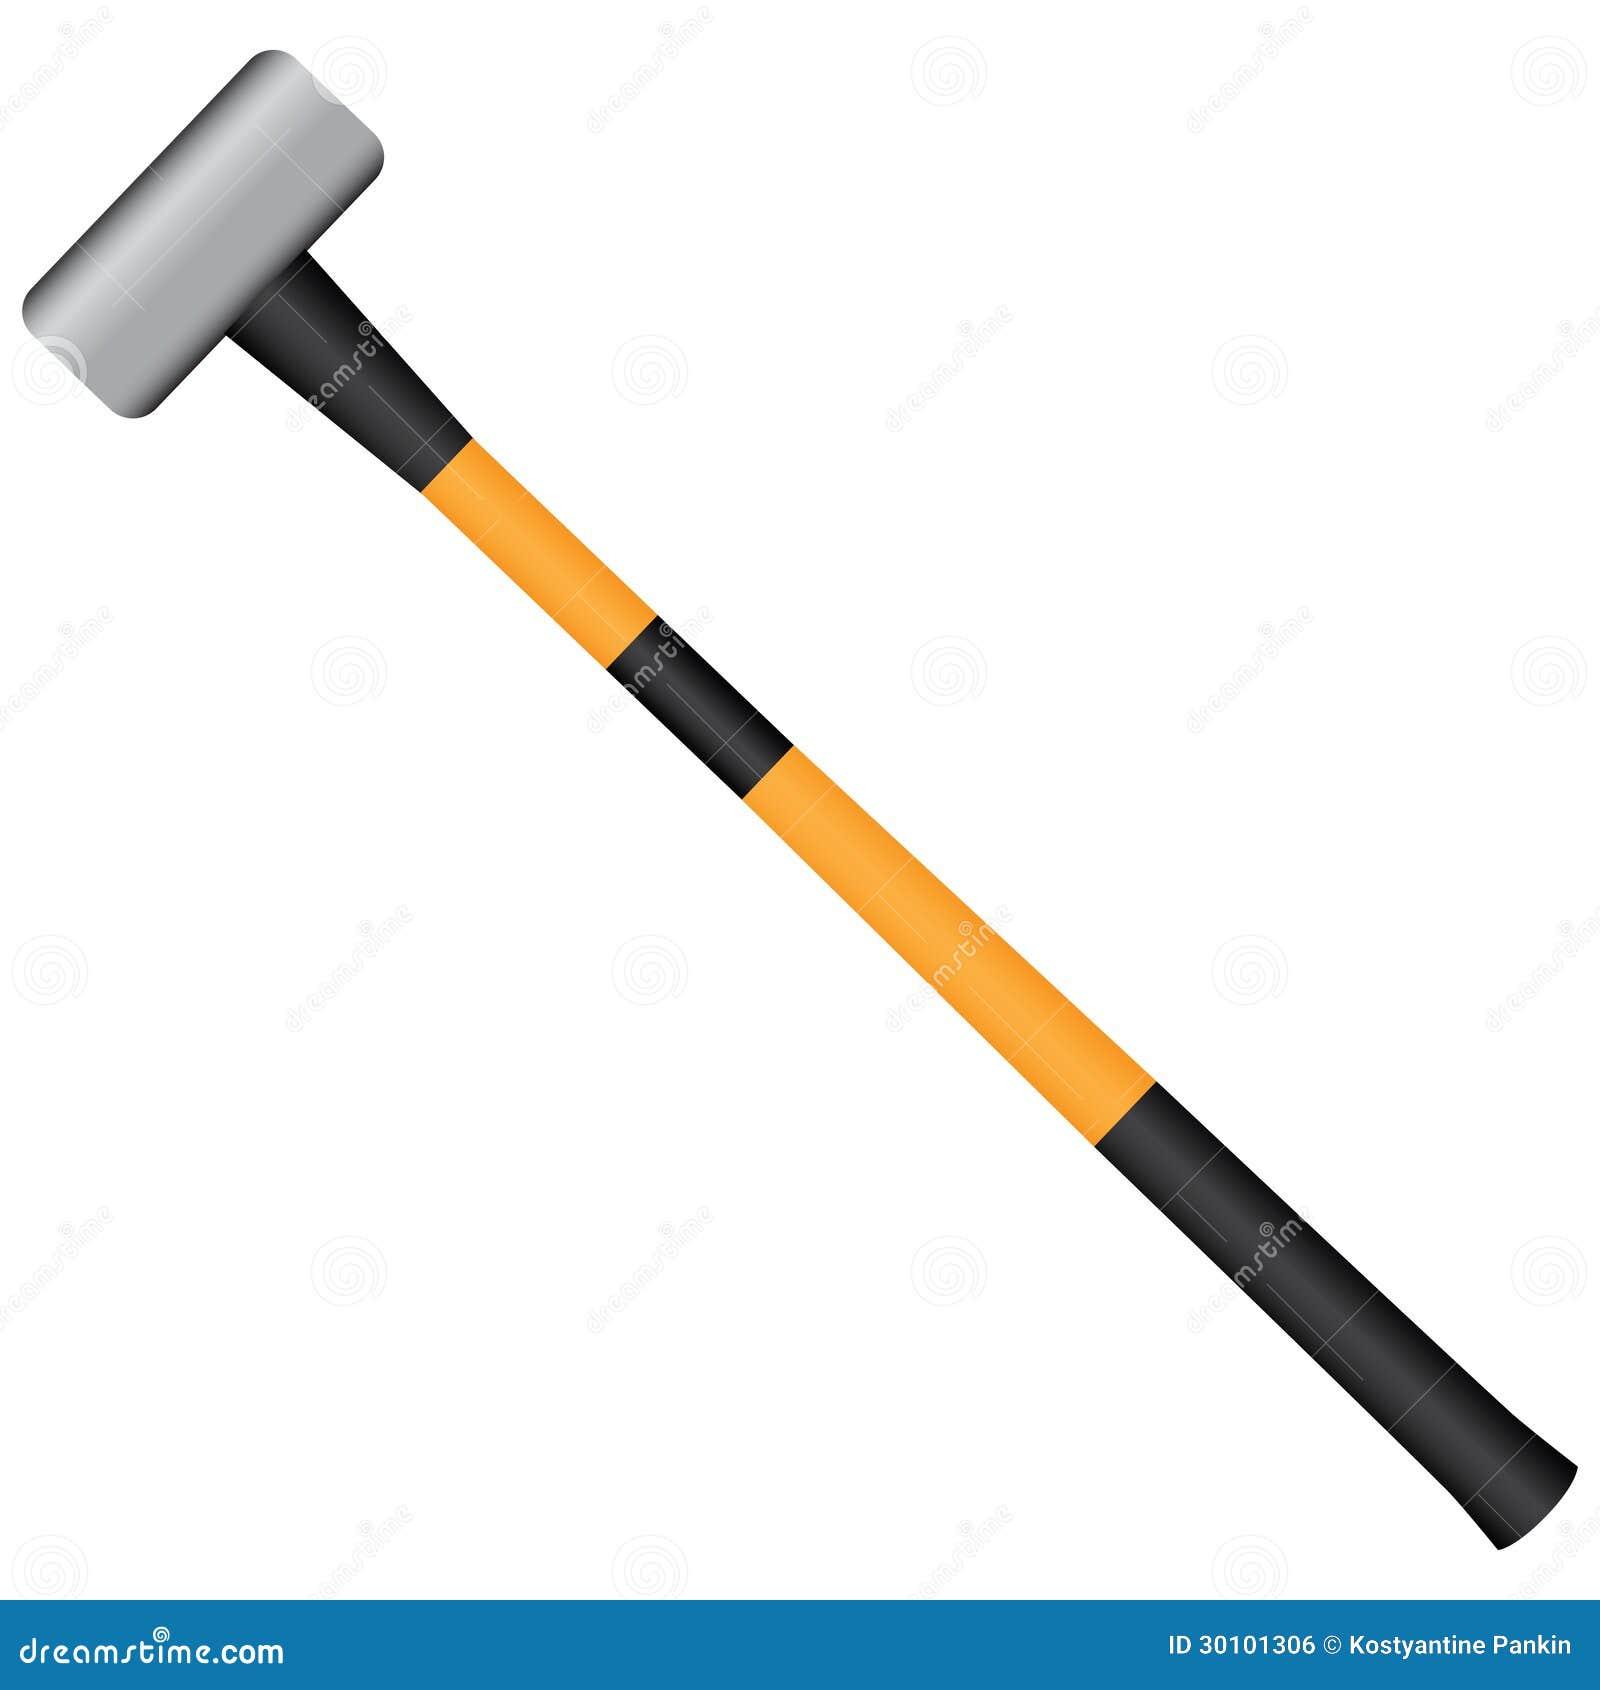 Sledgehammer stock vector. Image of illustration, collapse ...